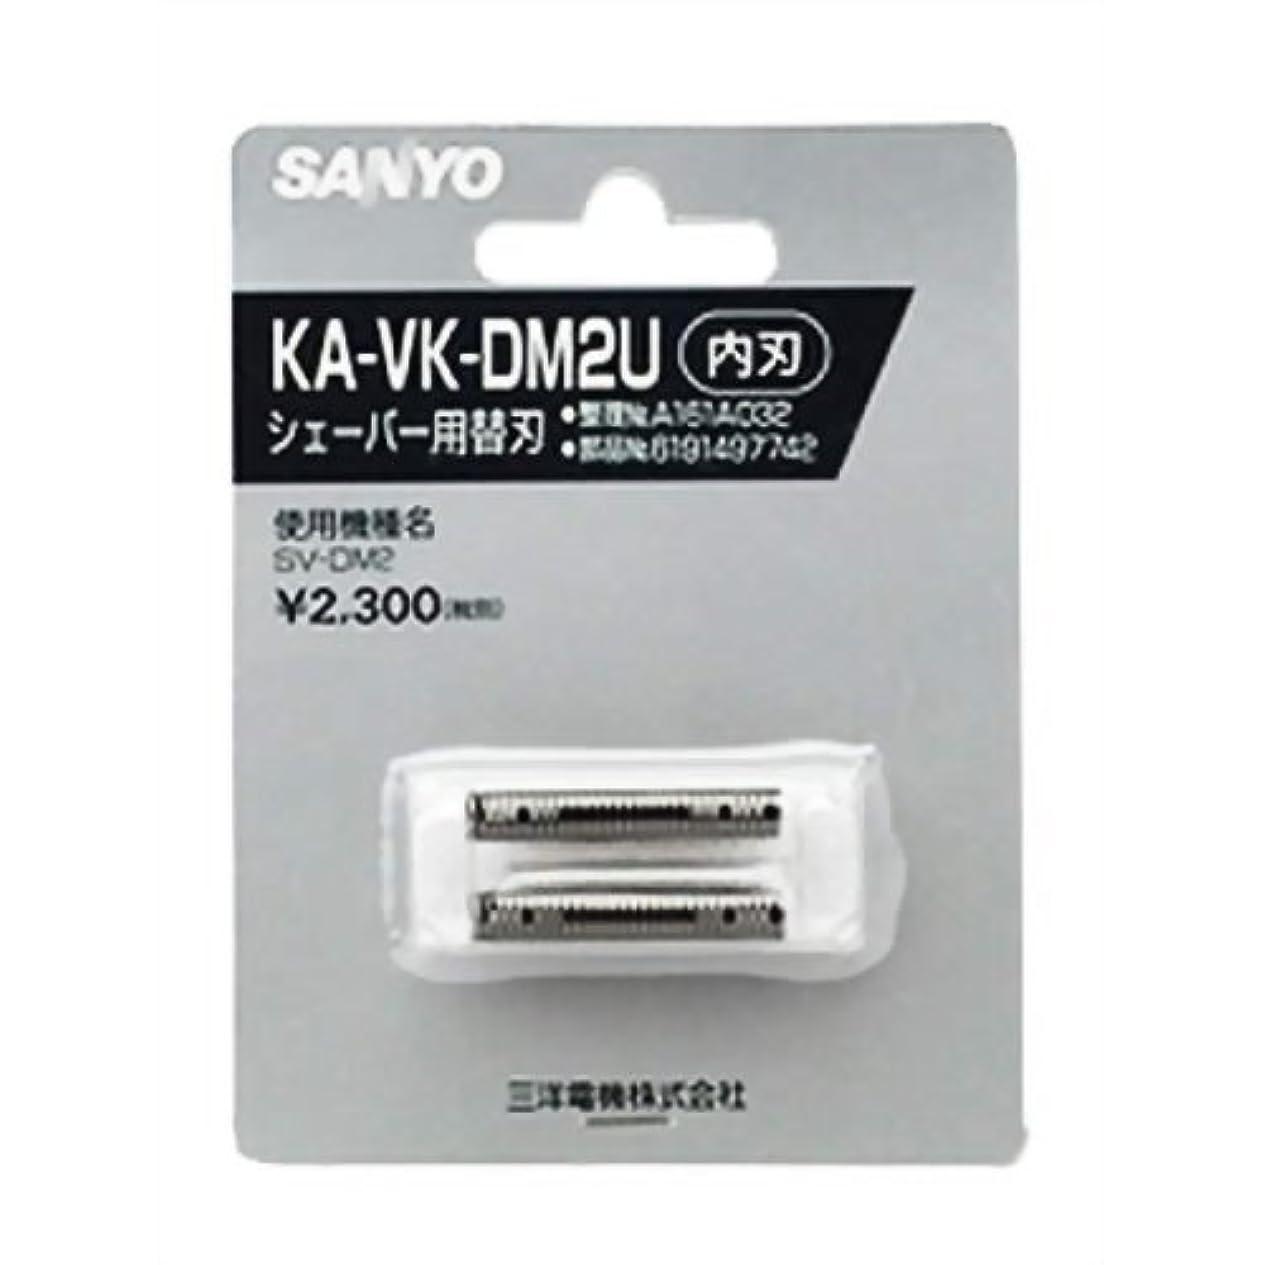 強化する最小化する均等にSANYO (サンヨー) KA-VK-DM2U シェーバー替刃 (内刃)